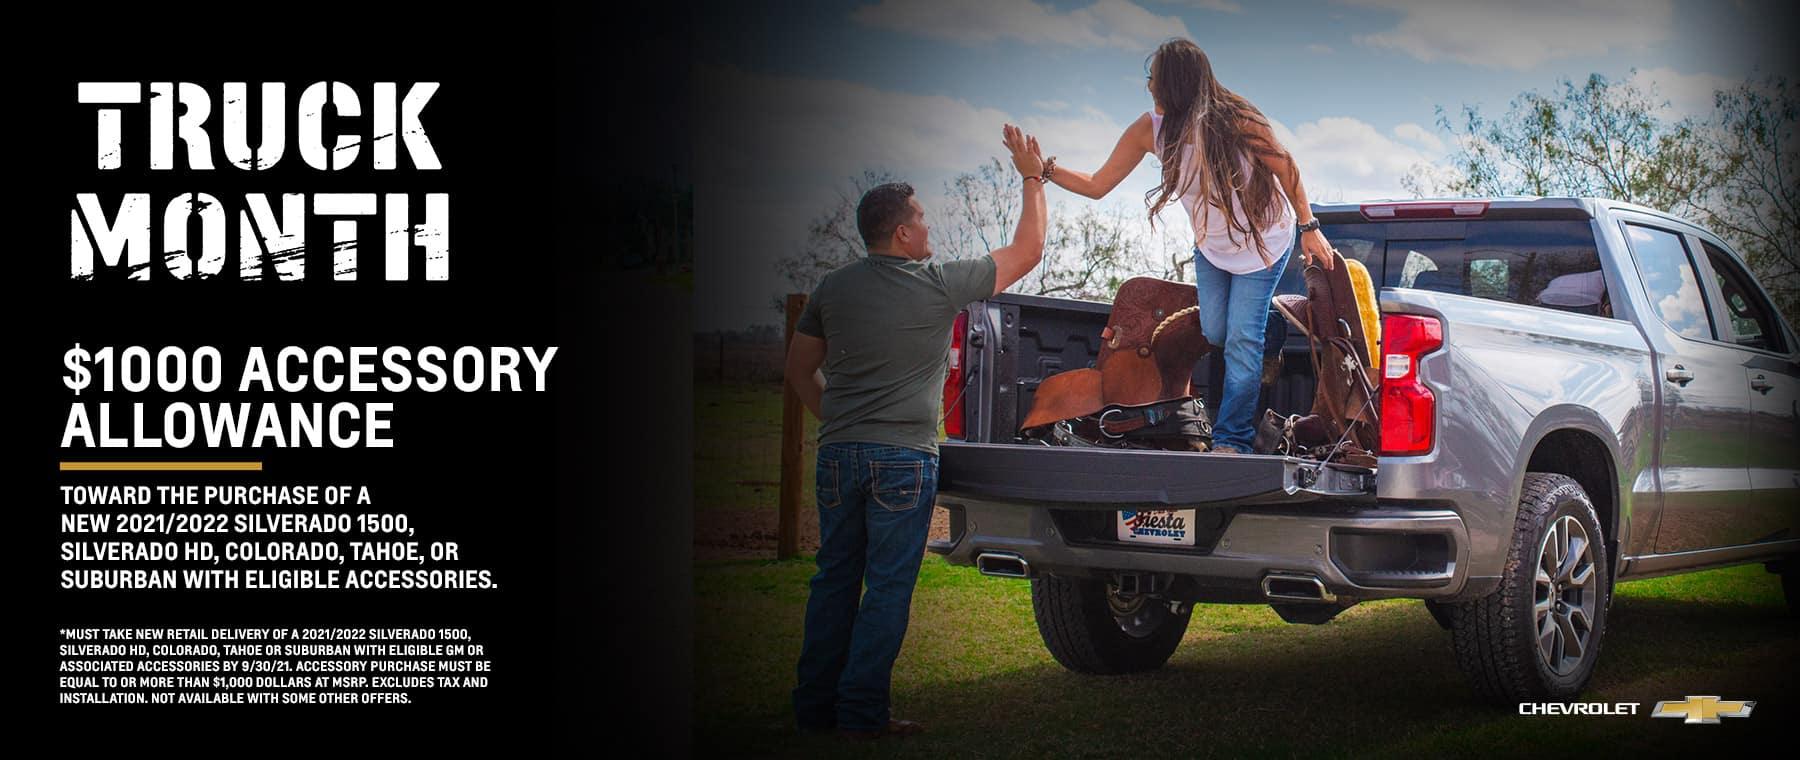 Truck Month | Fiesta Chevrolet in Edinburg, Texas